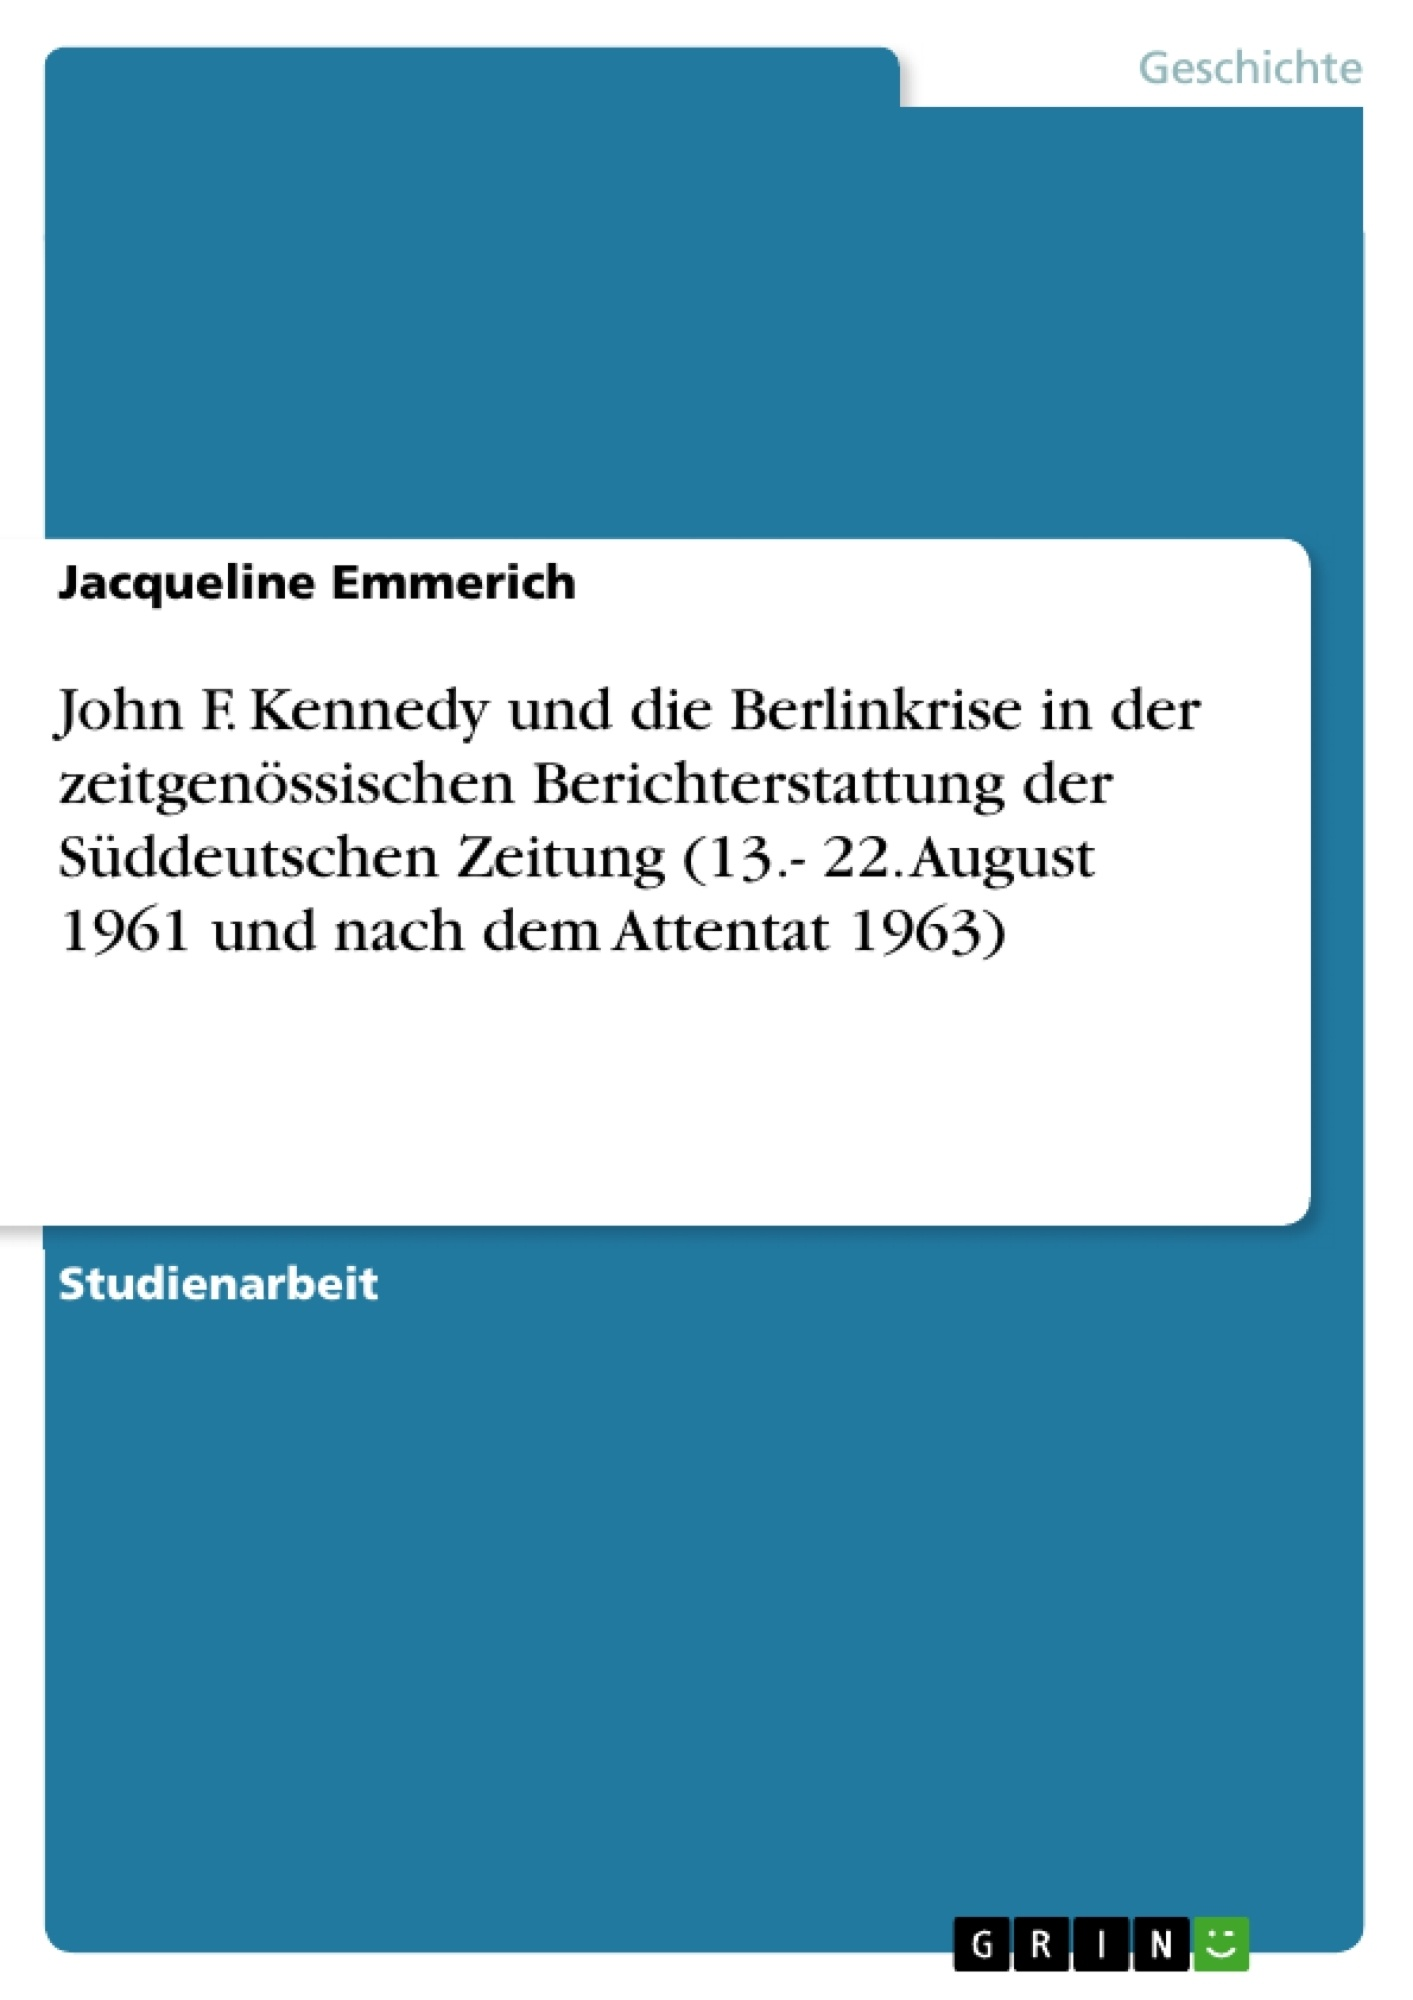 Titel: John F. Kennedy und die Berlinkrise in der zeitgenössischen Berichterstattung der Süddeutschen Zeitung (13.- 22. August 1961 und nach dem Attentat 1963)